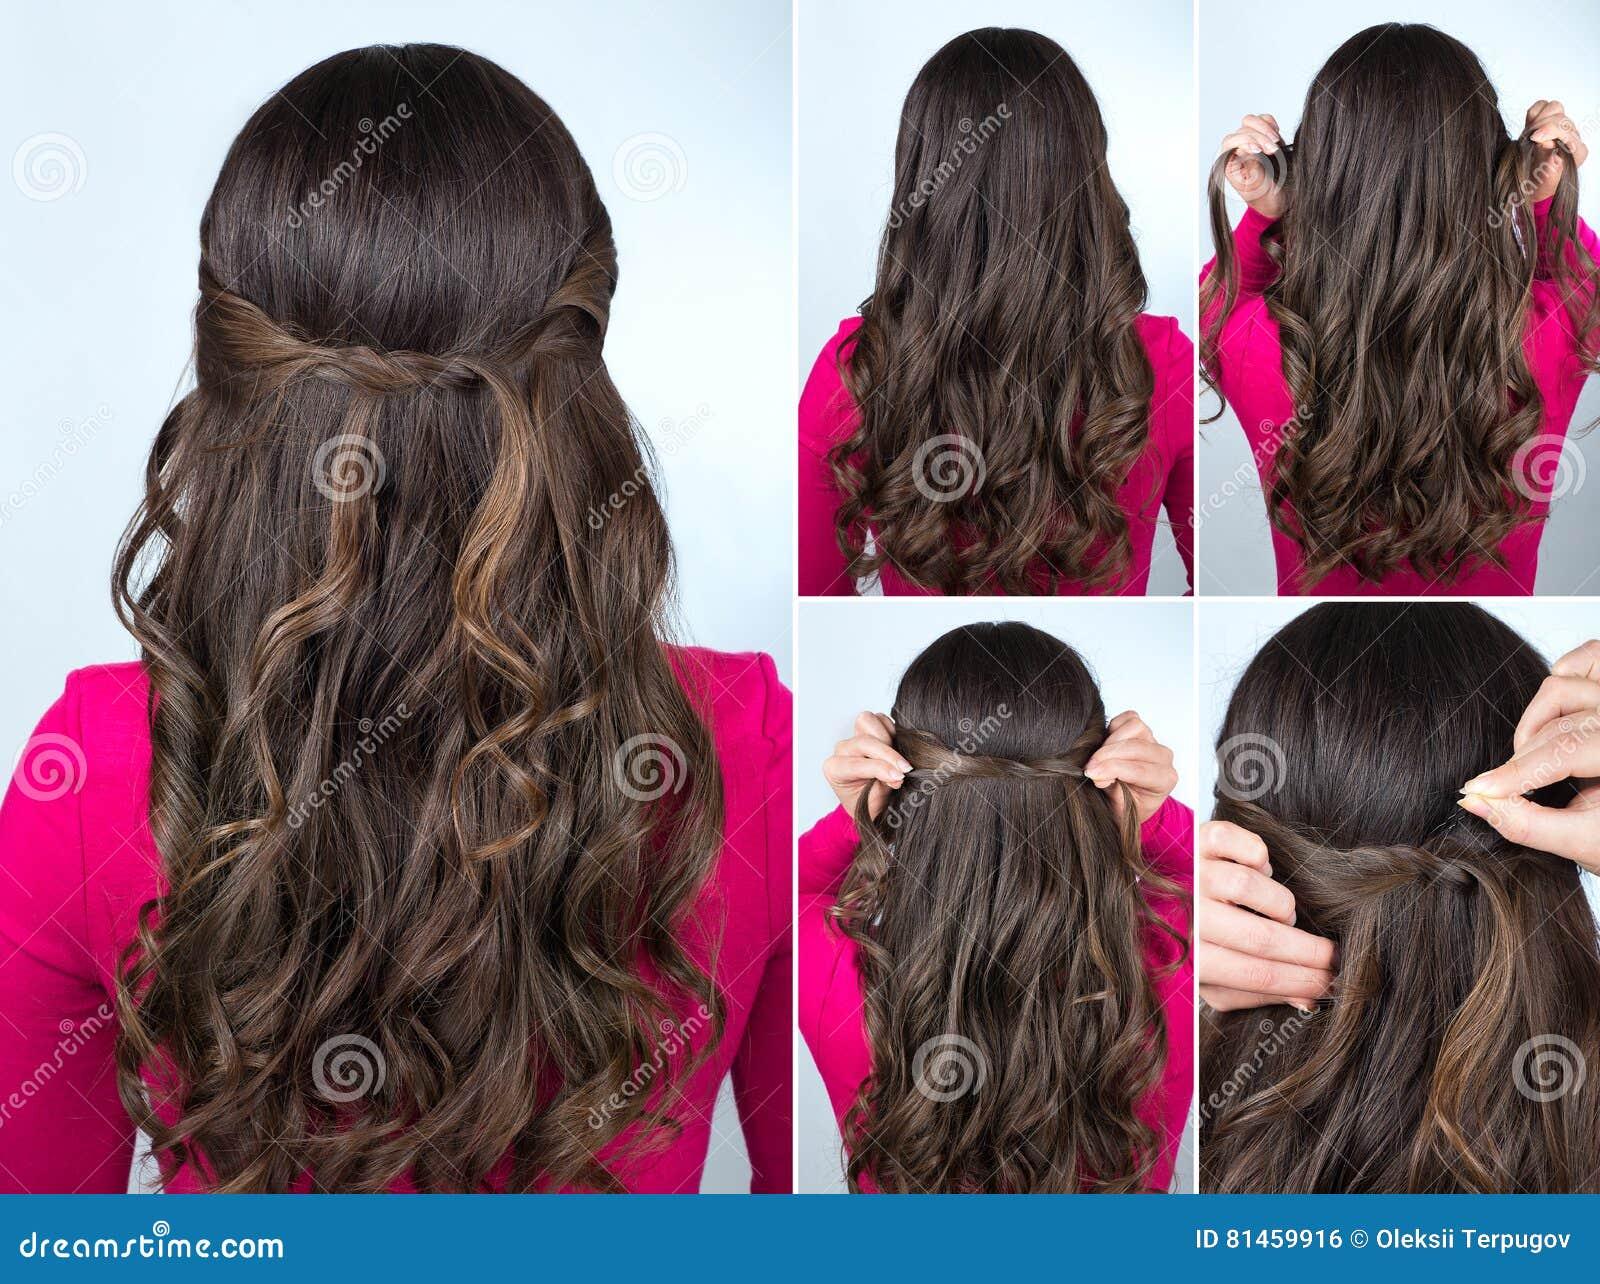 Supłająca Fryzura Na Kędzierzawego Włosy Tutorial Zdjęcie